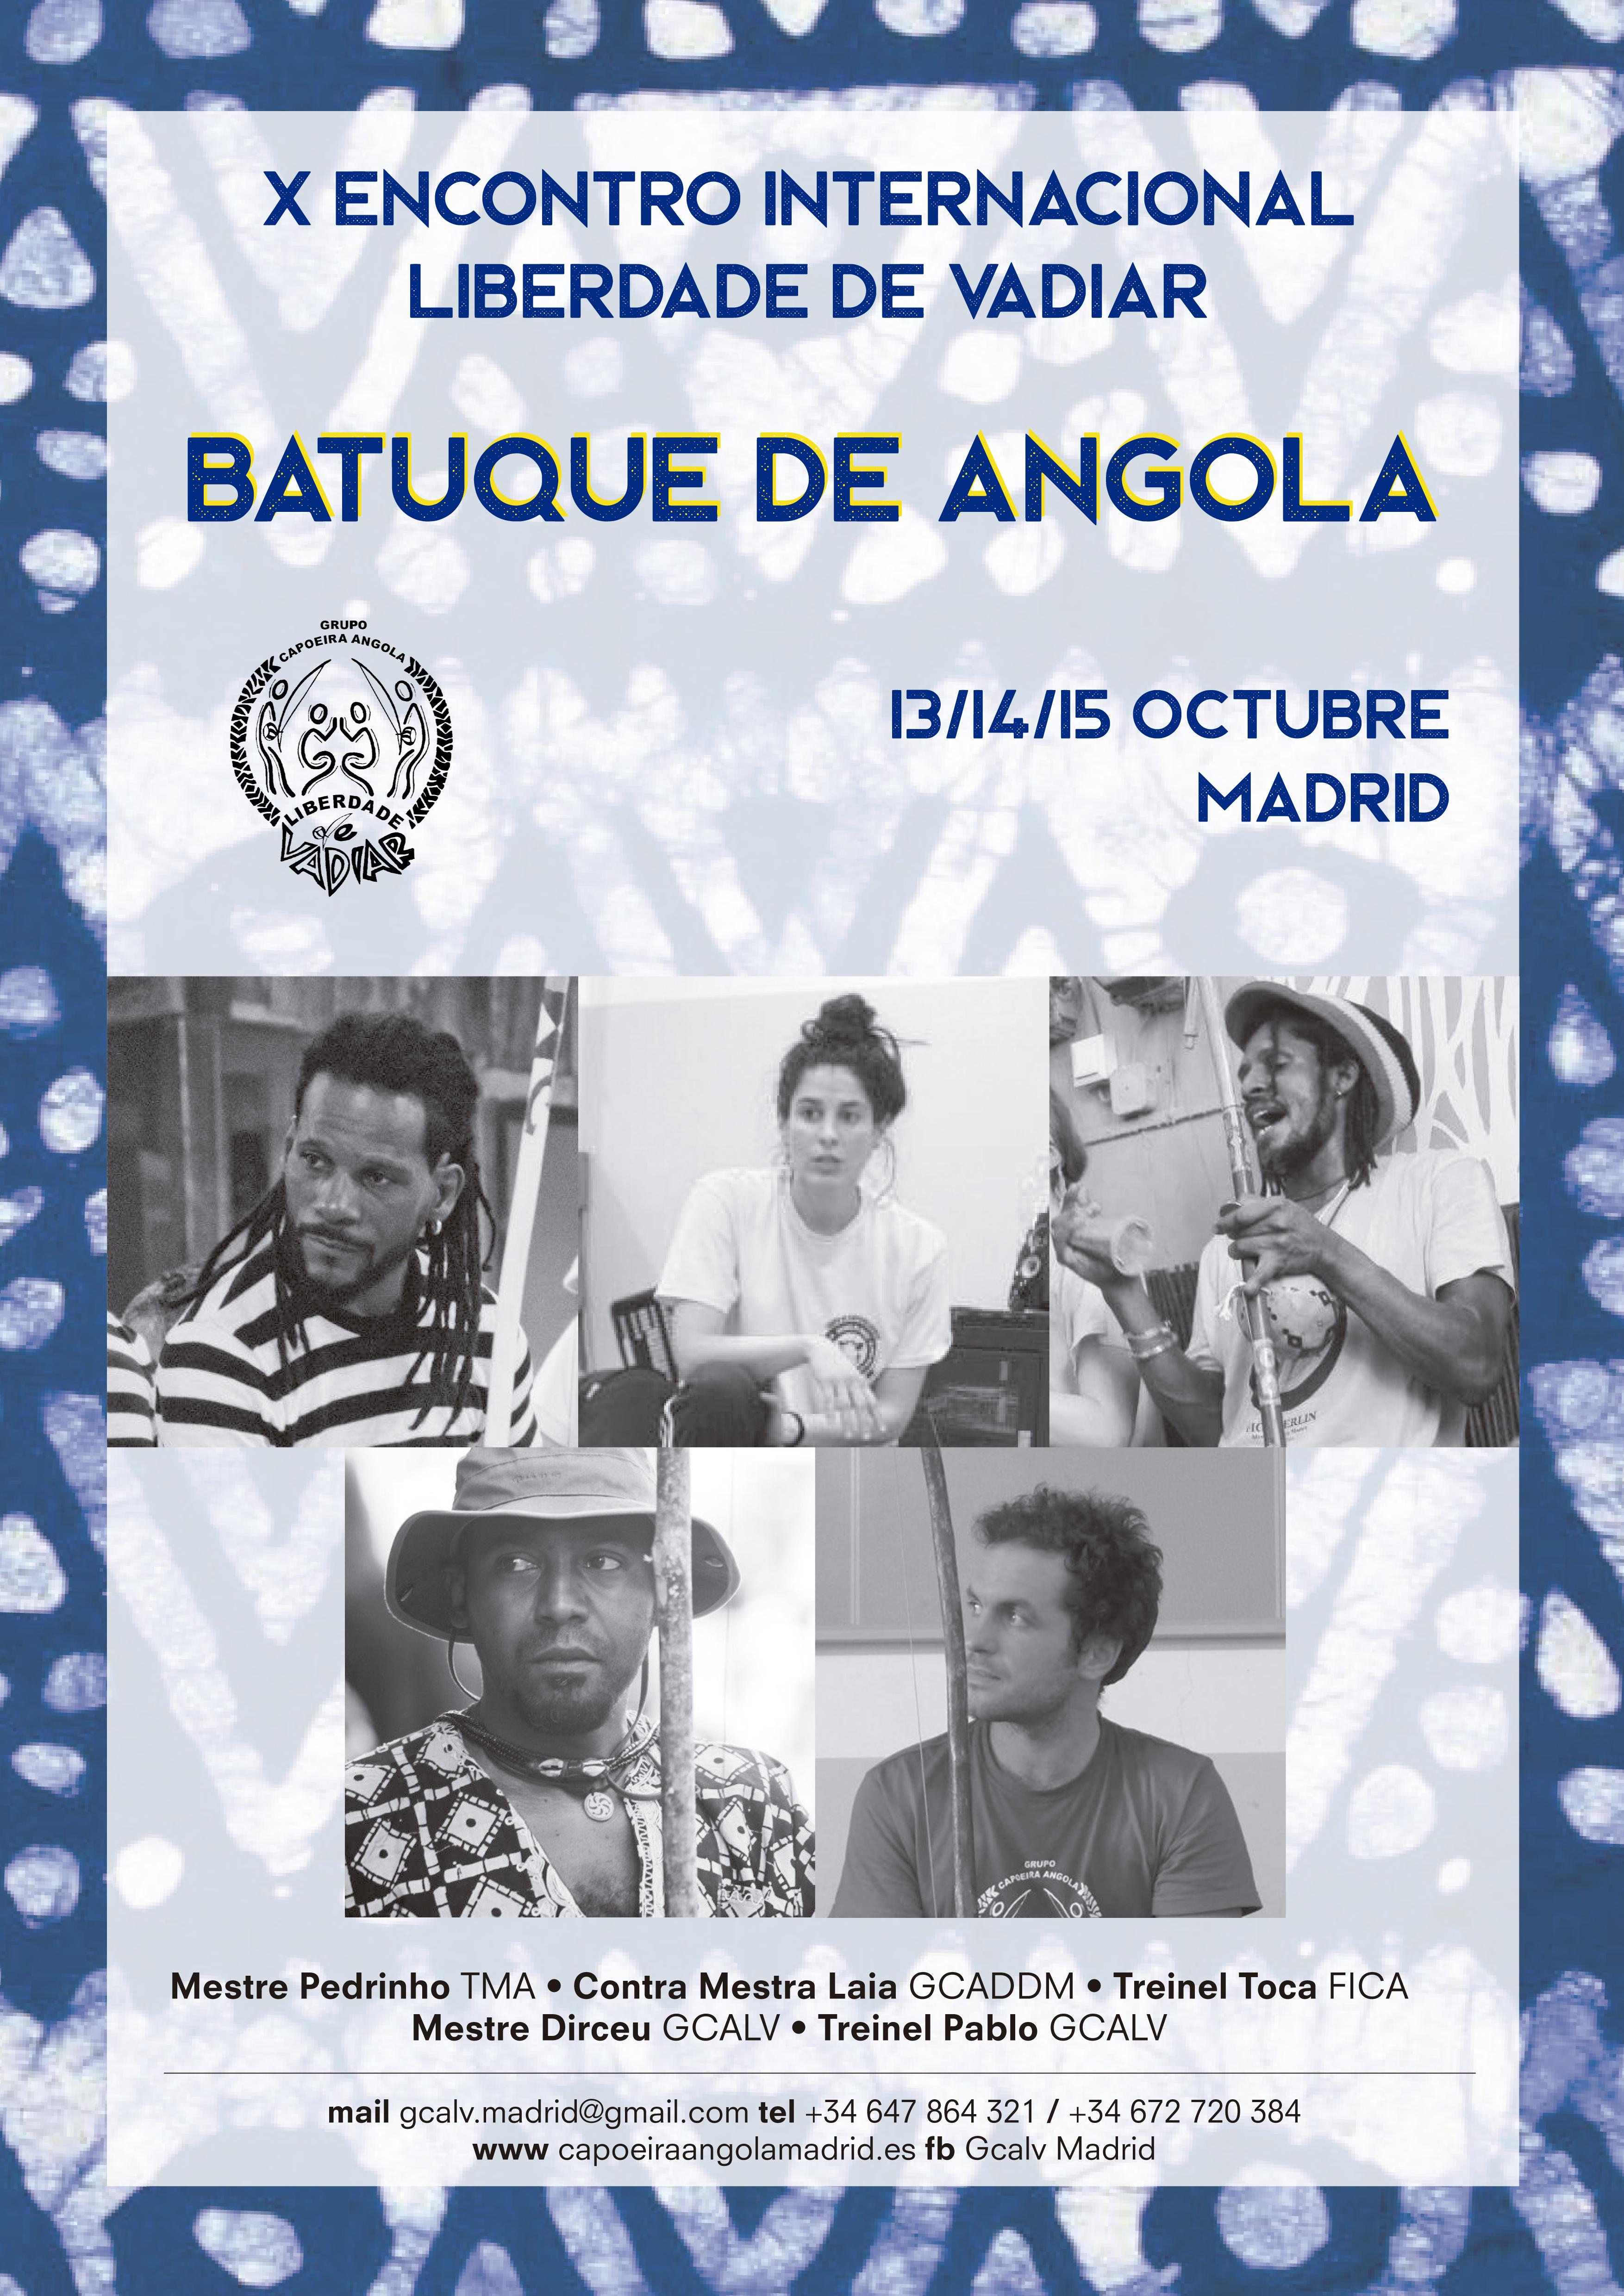 """Es con mucha ilusiòn que os invitamos al X encontro de GCALV """"Batuque de Angola"""" que se celebrarà del 13 al 15 de octubre en Madrid. Contaremos con la presencia de Mestre Pedrinho de Caxias (TMA), Contra Mestra Laia (GCADDM) y Treinel Toca (FICA), ademàs de Mestre Dirceu y Treinel Pablo (GCALV). Nos encantarà recibiros en nuestra casa y compartir con todxs vosotrxs un fin de semana lleno de capoeira angola. Muy pronto màs informaciones, pero, para que vayàis reservando fechas y billetes, os damos un adelanto de la programaciòn: Viernes 13 18:30 Roda inaugural del evento en EDS (ex Nacho's) calle Santa Isabel, 9 - Metro: Anton Martin 22:30 Fiesta de bienvenida Sábado 14 11:00 Comienzo de las actividades del día (aulas de movimiento y ritmo) 18:00 Roda 23:30 Fiesta Domingo 15 11:00 Comienzo de las actividades del día (aulas de movimiento y ritmo) 16:00 Roda de despedida. Precio del evento: 60€ Precio por dia: 35€ Para confirmar vuestra asistencia contactar con nosotros gcalv.madrid@gmail.com _ Tel: +34 647 864 321 / +34 672 720 384"""